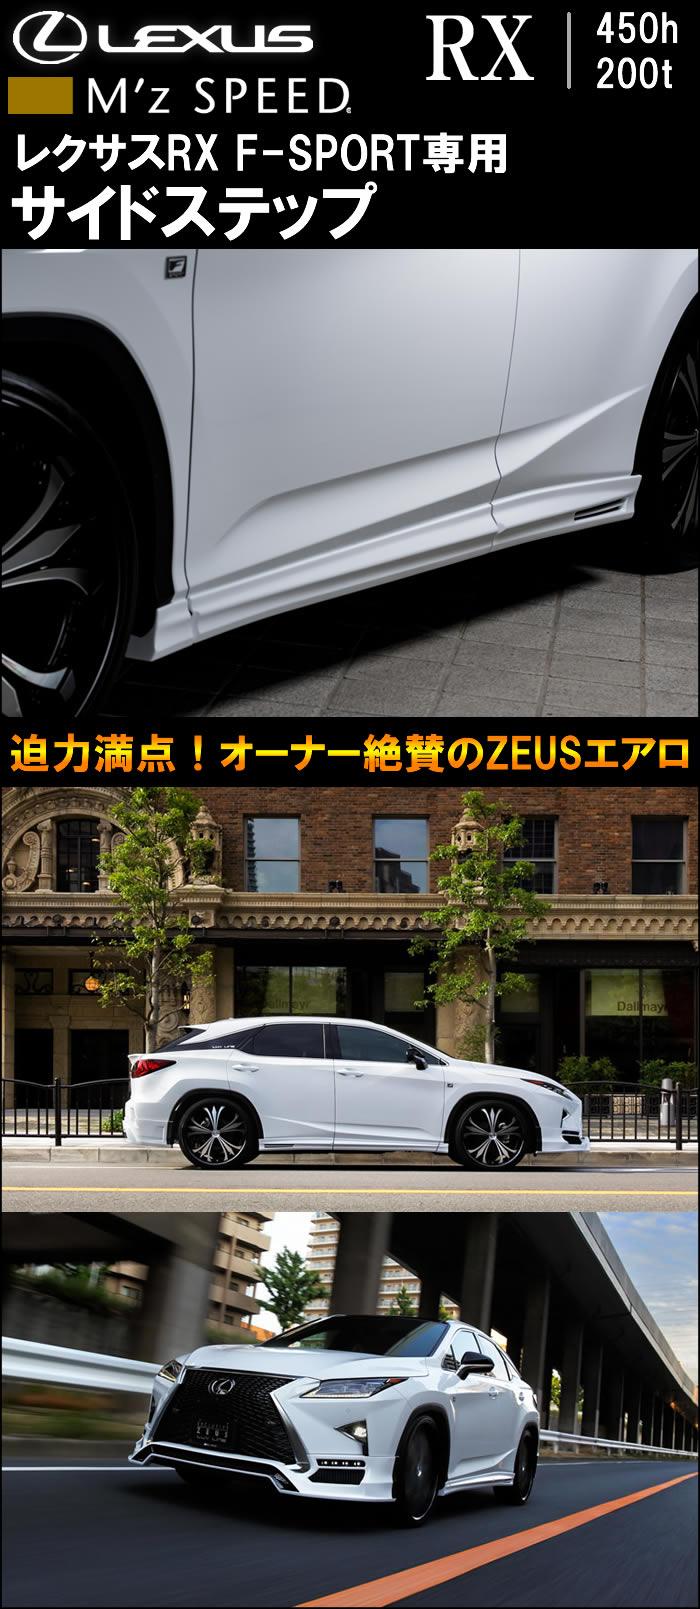 レクサス RX F-SPORT専用 M'z SPEED サイドステップ